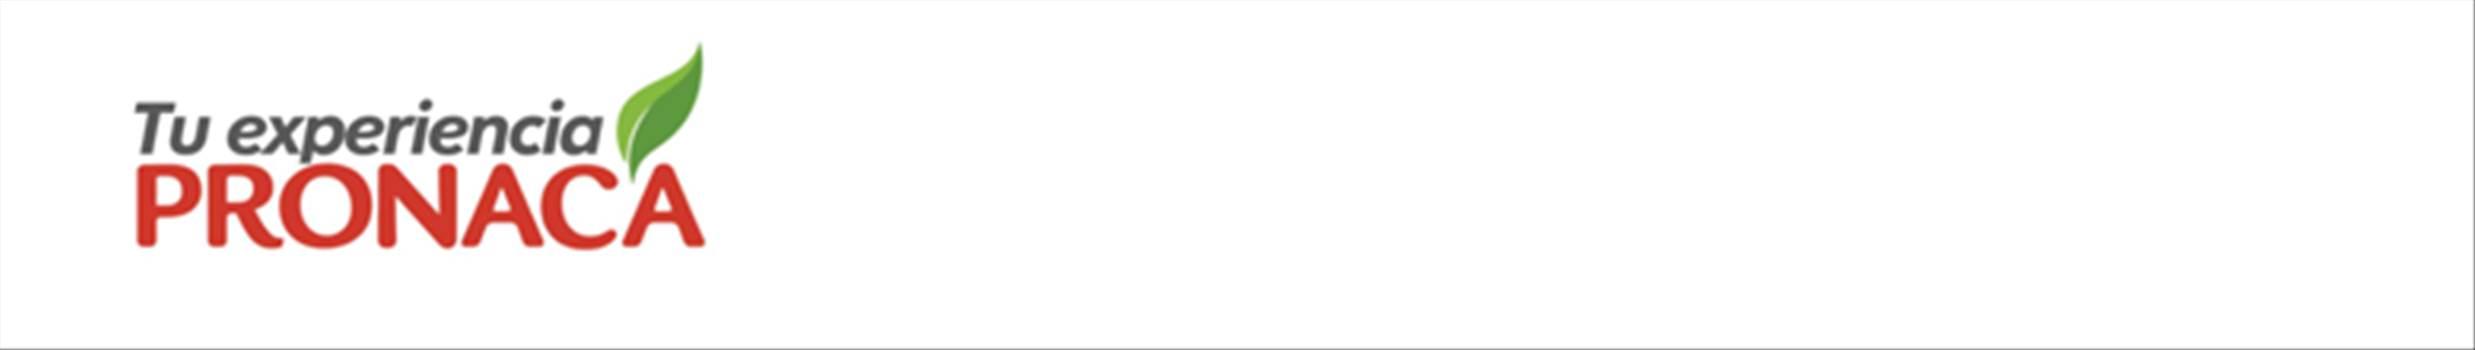 Anexo 3 - Ejemplos de Plantillas de Notificación  2019-06-06 14-46-59.png by majo